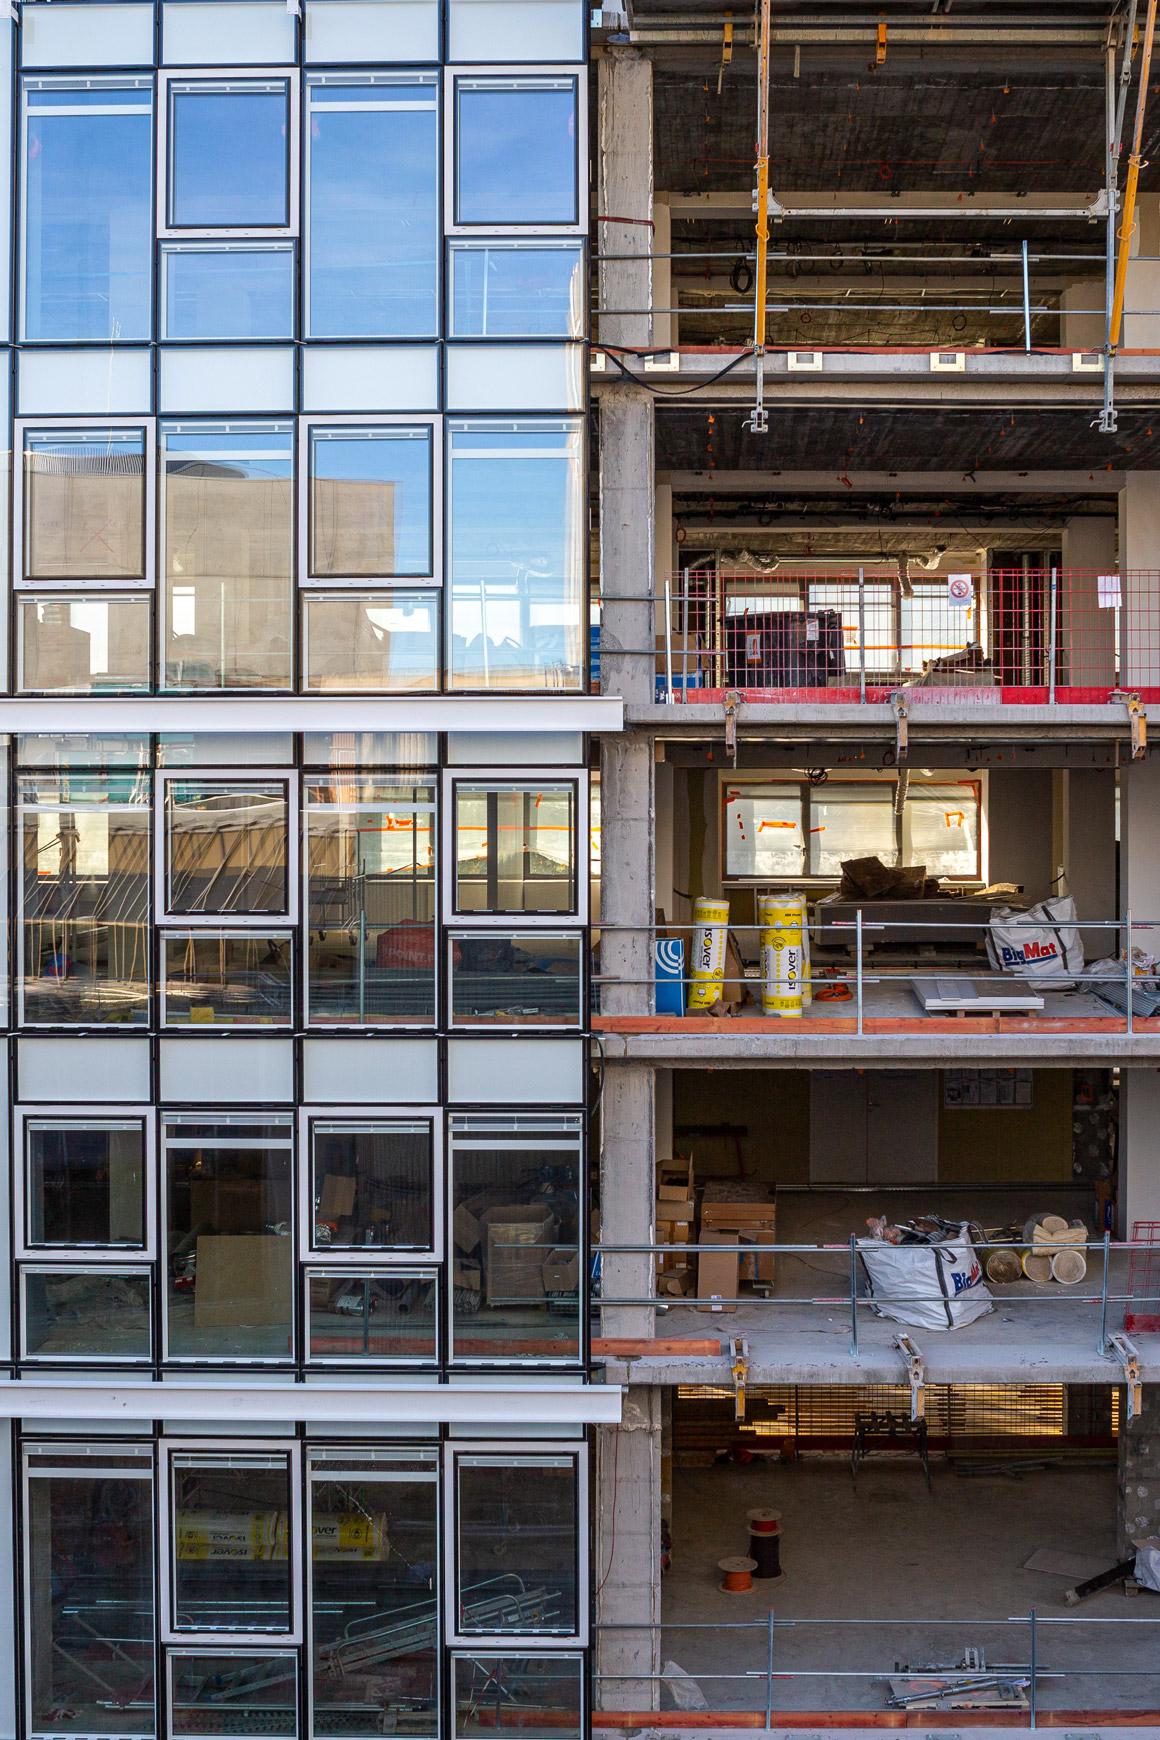 Réhabilitation lourde du siège sociale du Crédit Agricole Centre France à Clermont-Ferrand, labélisé BREEAM EXCELLENT, réalisé par le pôle Tertiaire de l'agence d'architecture SOHO ATLAS IN FINE LYON. Photo de chantier, vue sur la façade intérieure.